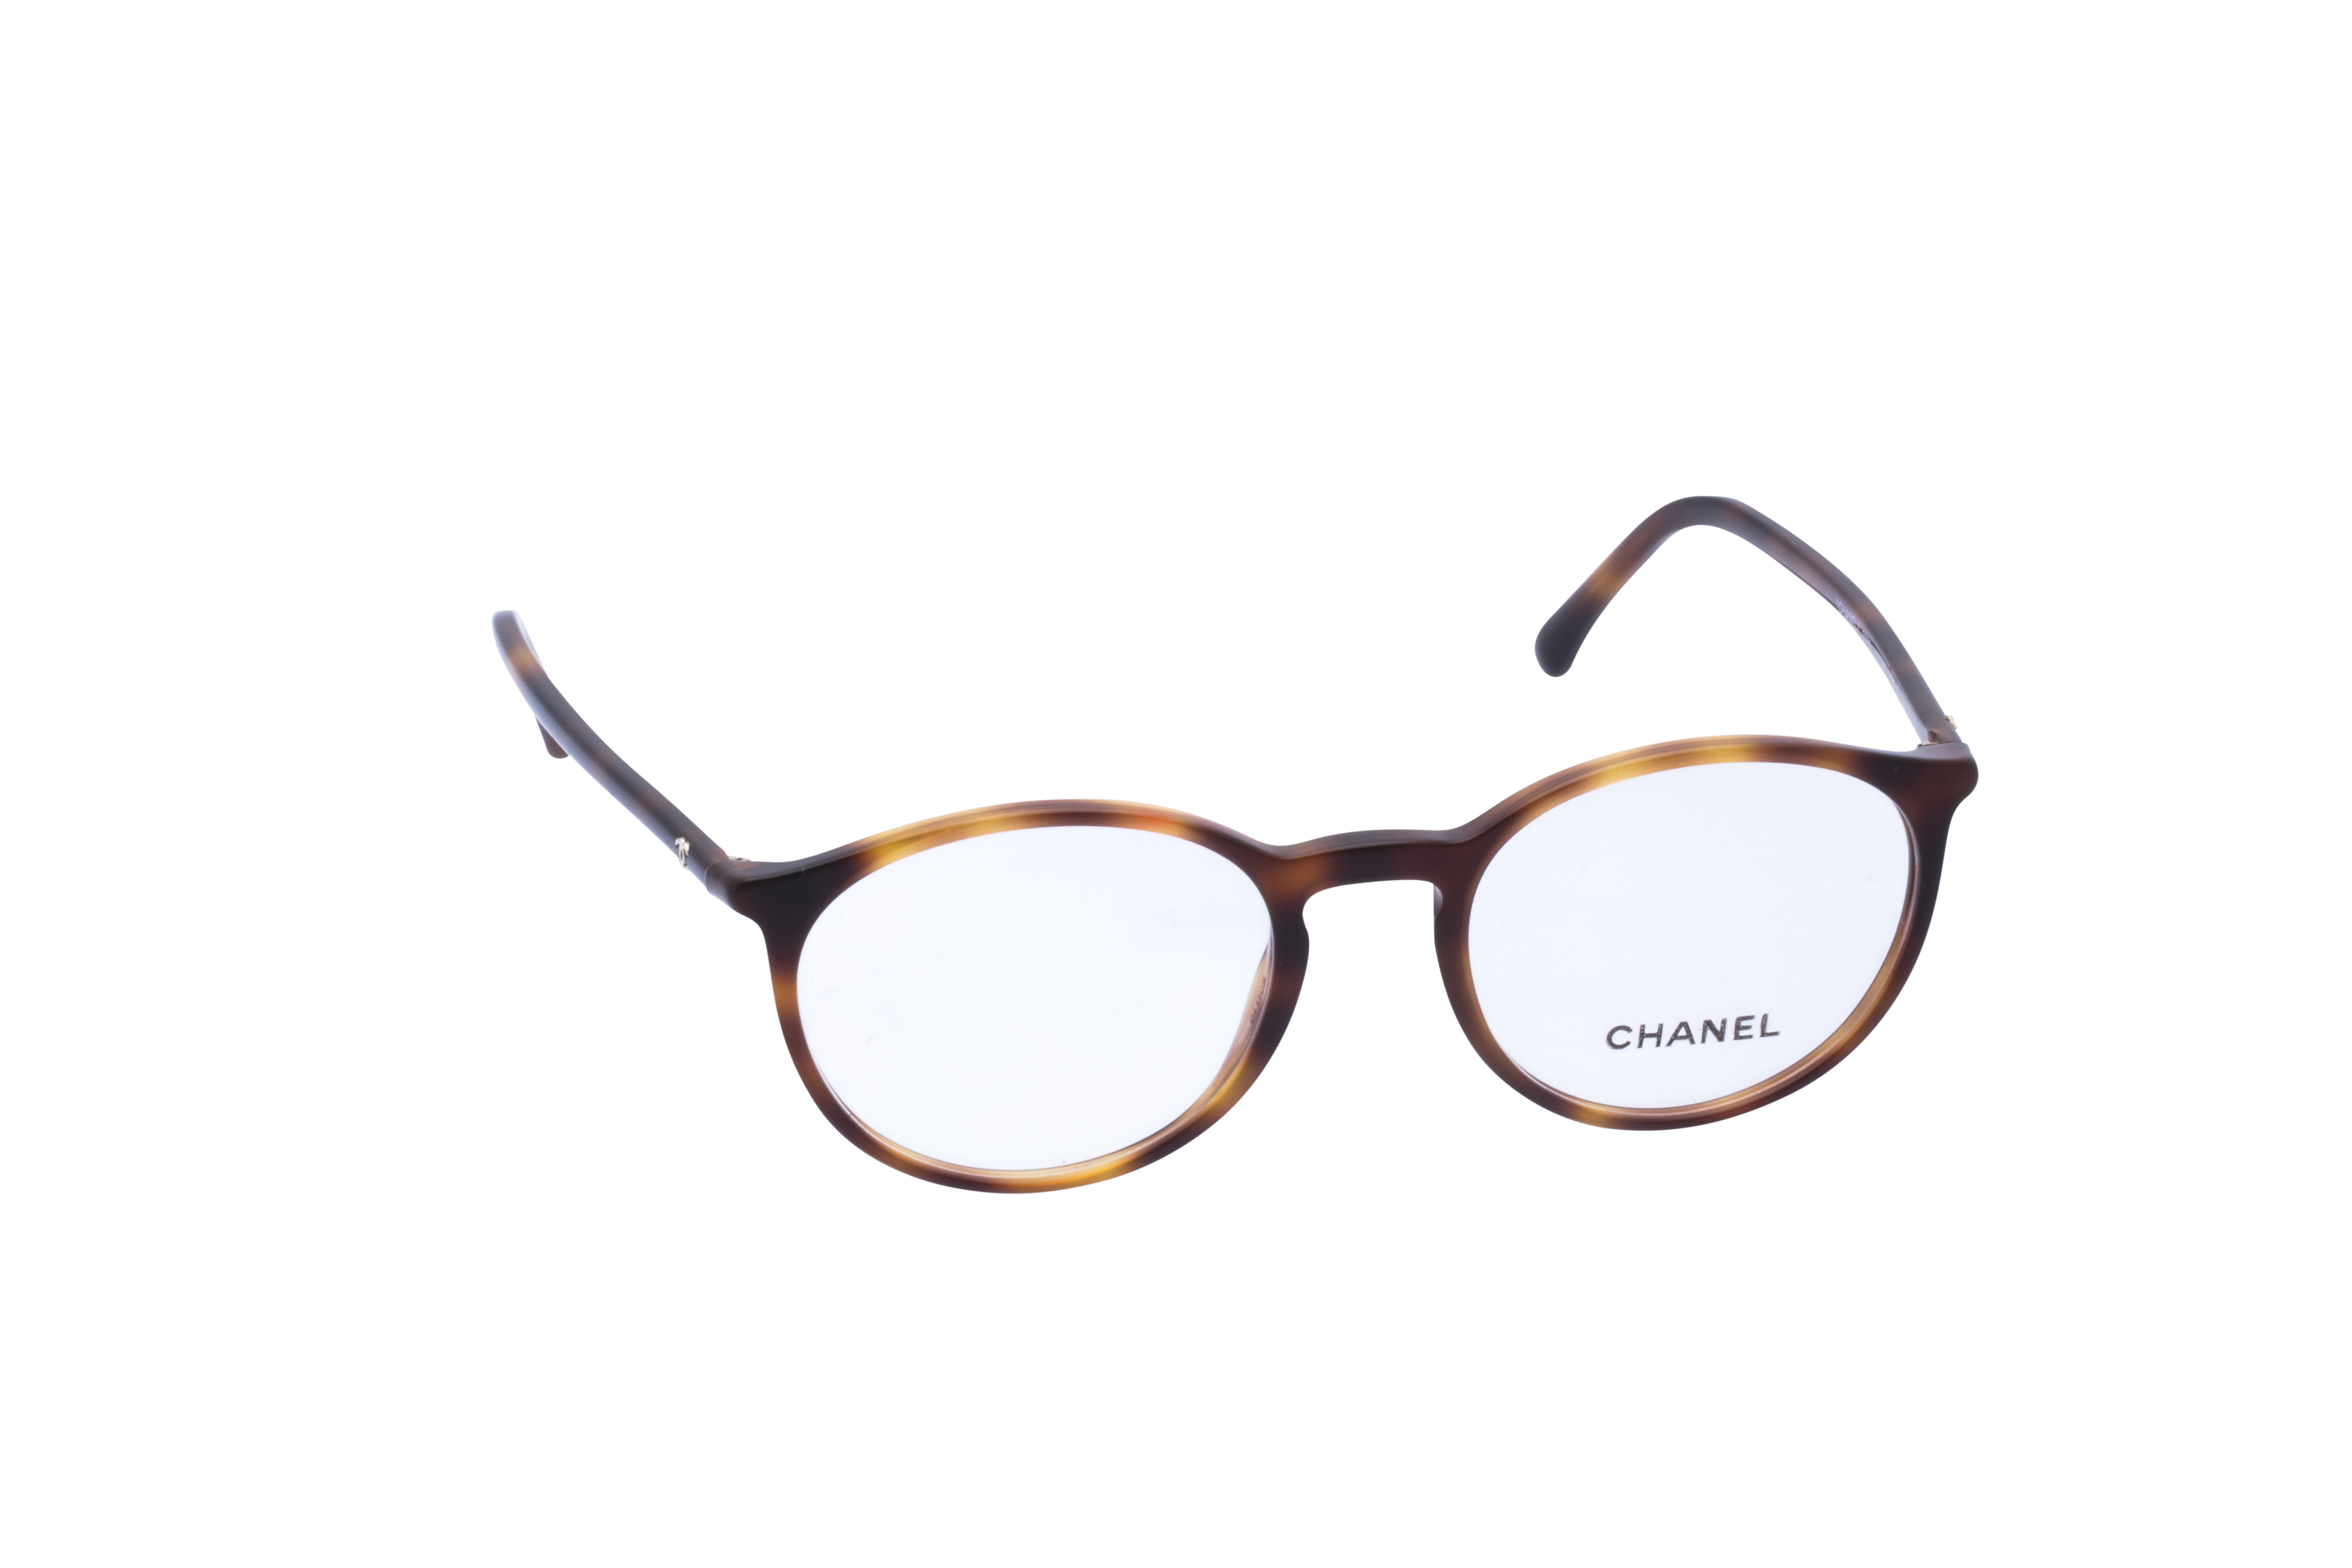 360 Grad Ansicht 1 Chanel 3372 Frontansicht, Brille auf Weiß - Fassung bei KUNK